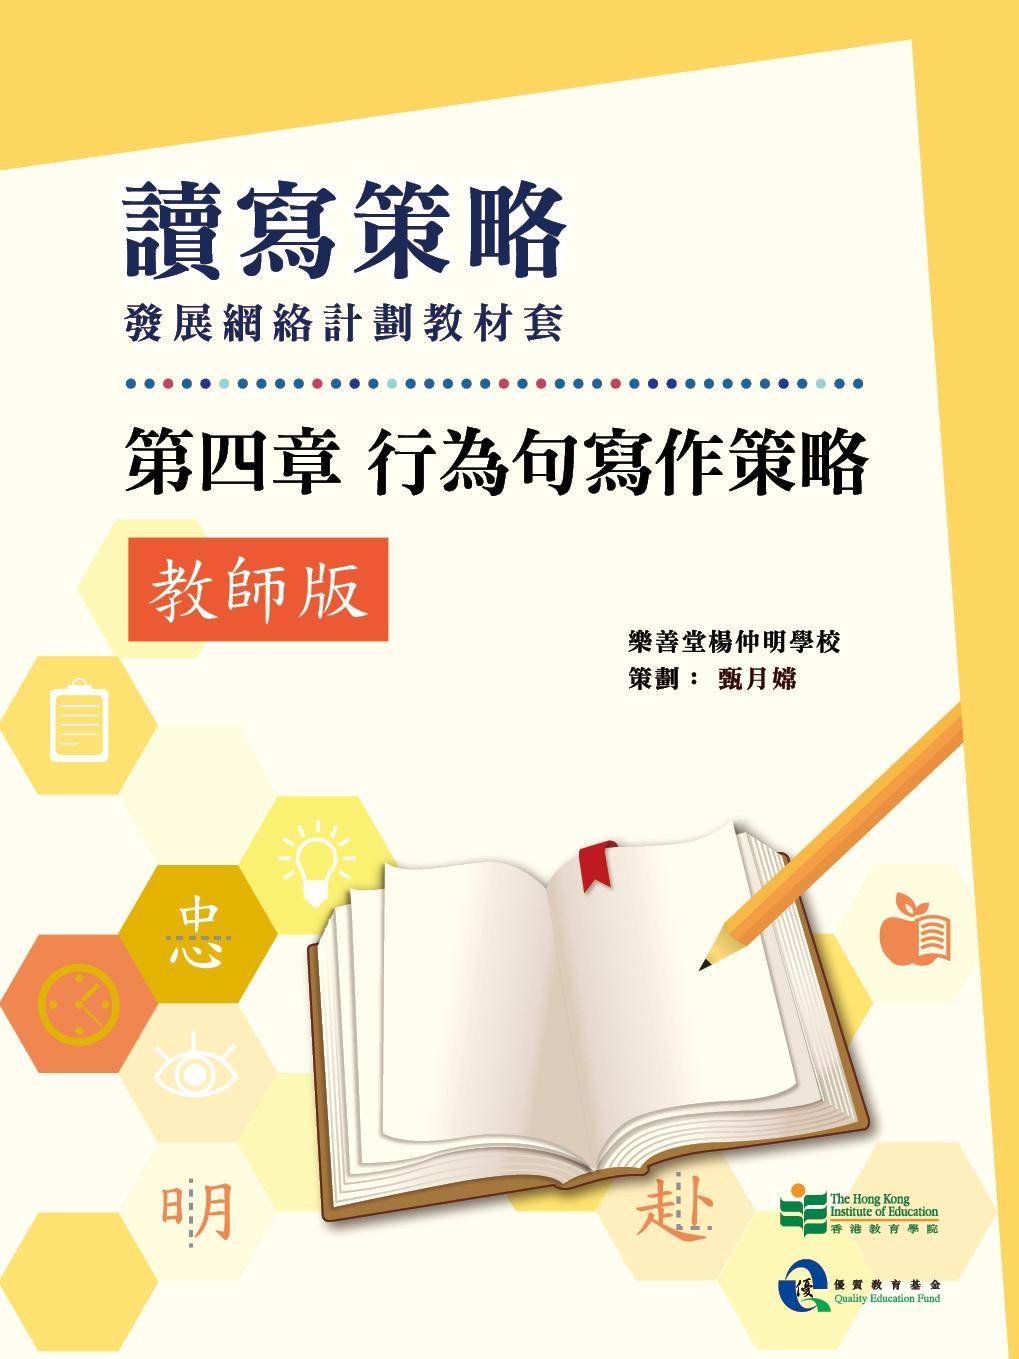 讀寫策略發展網絡計劃教材套 第四章 行為句寫作策略(教師版)